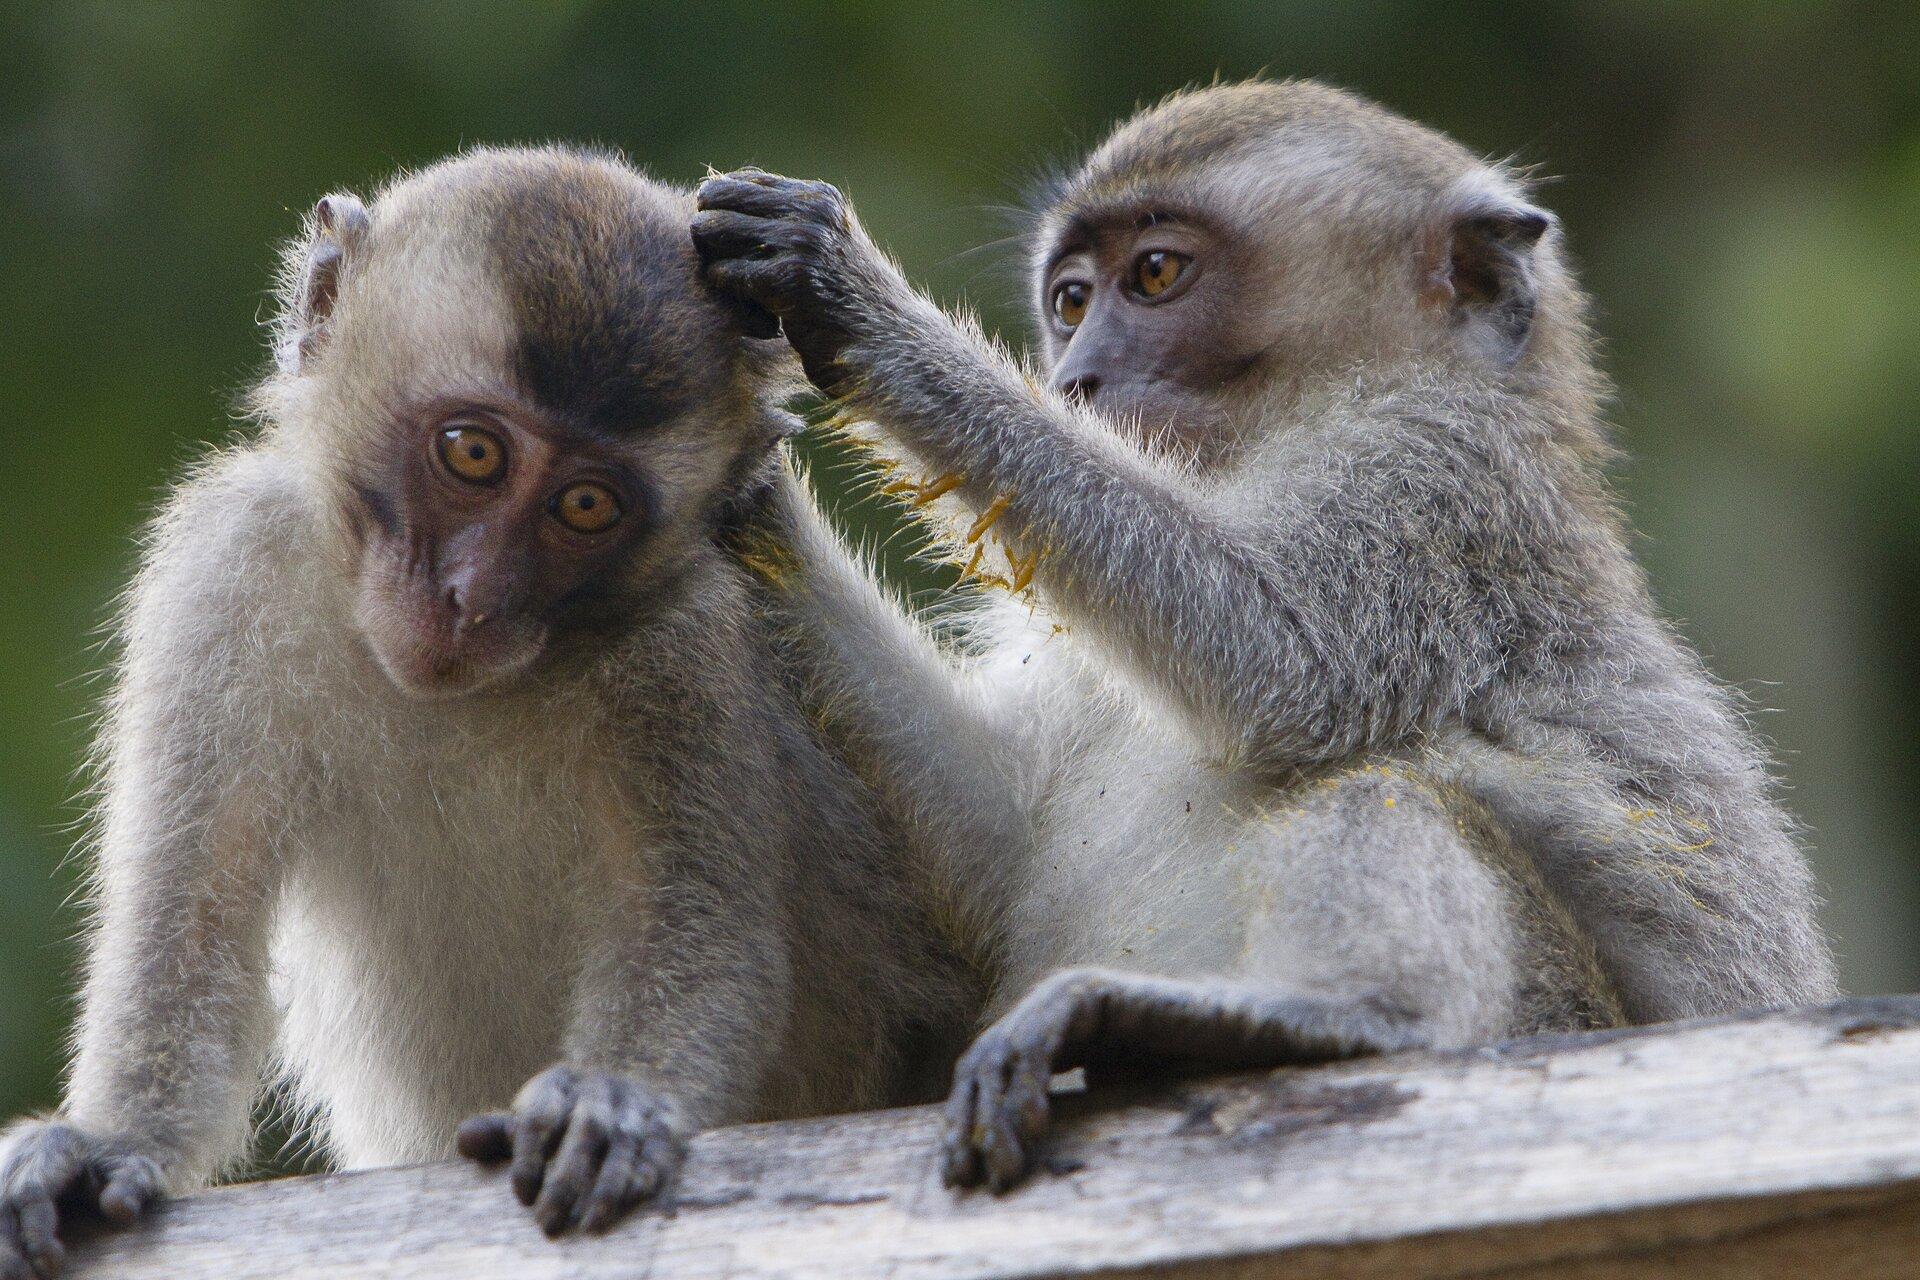 Fotografia przedstawia dwie małpki, siedzące na belce wklatce. Są beżowe, zjasno brązowymi oczami. Ta zlewej pochyla głowę wstronę drugiej, która przednimi łapkami przegląda jej sierść wposzukiwaniu pasożytów.